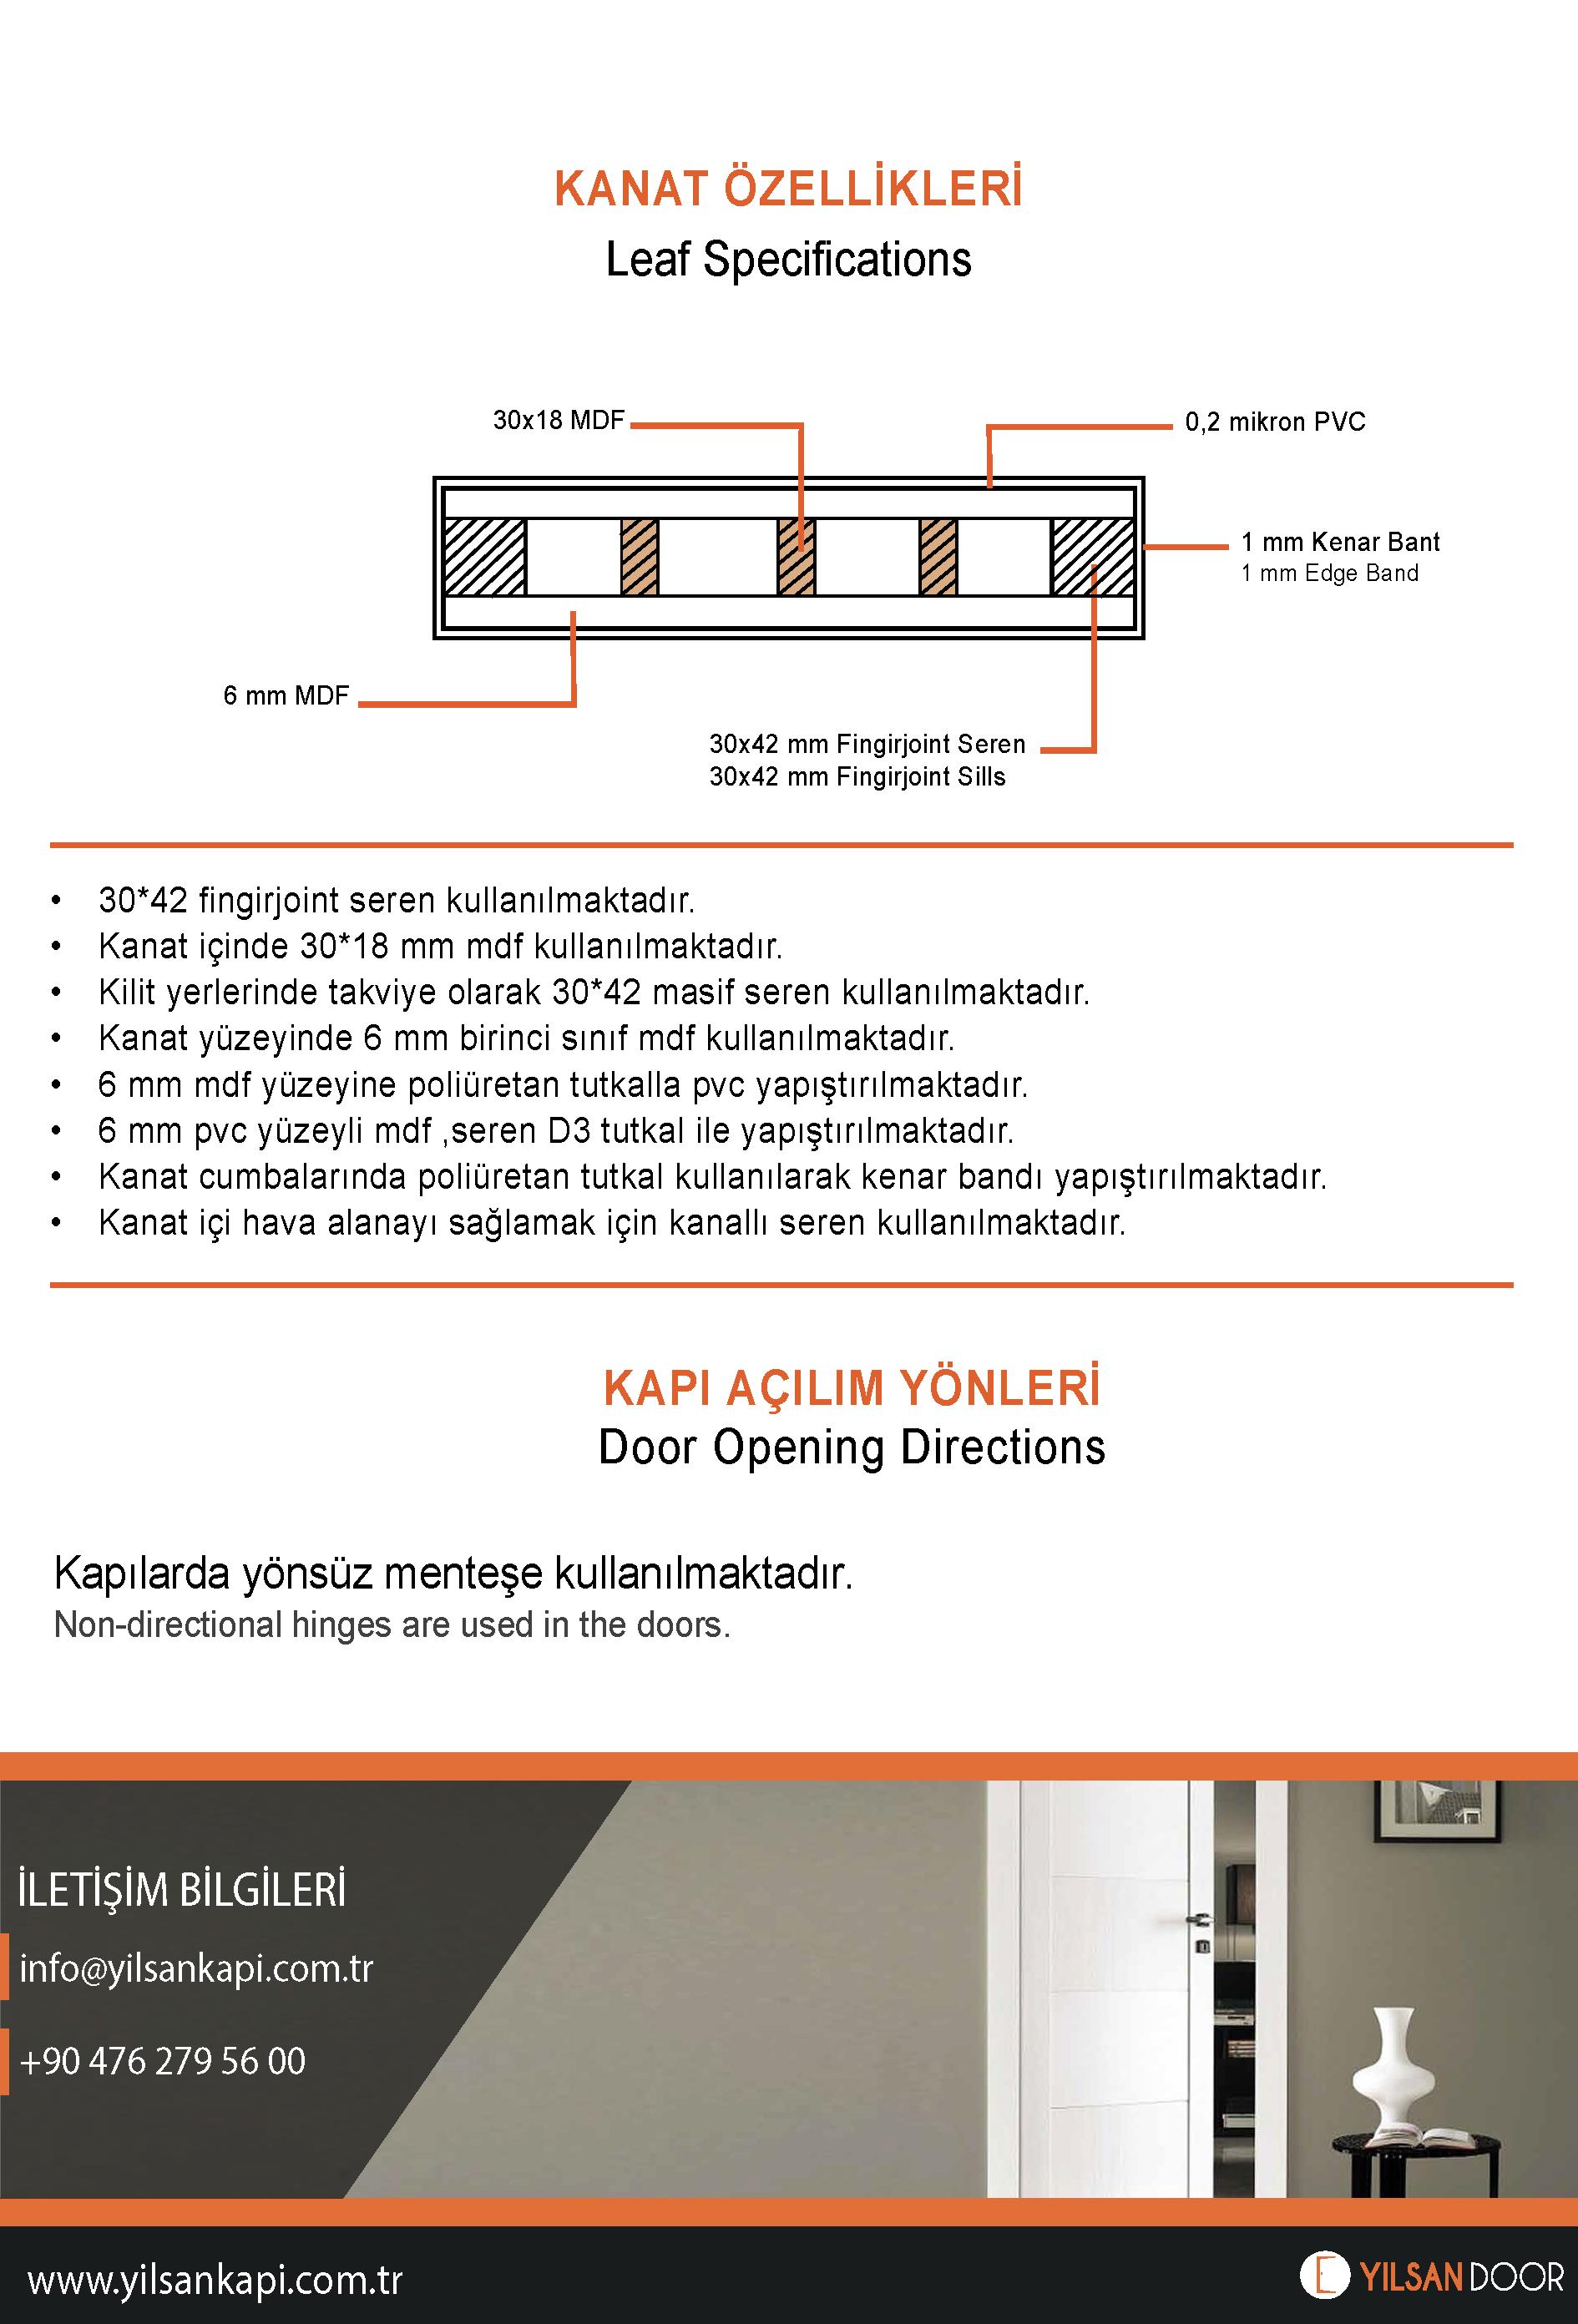 Yilsan_Door_Teknik_Bilgiler_TR_Page_4